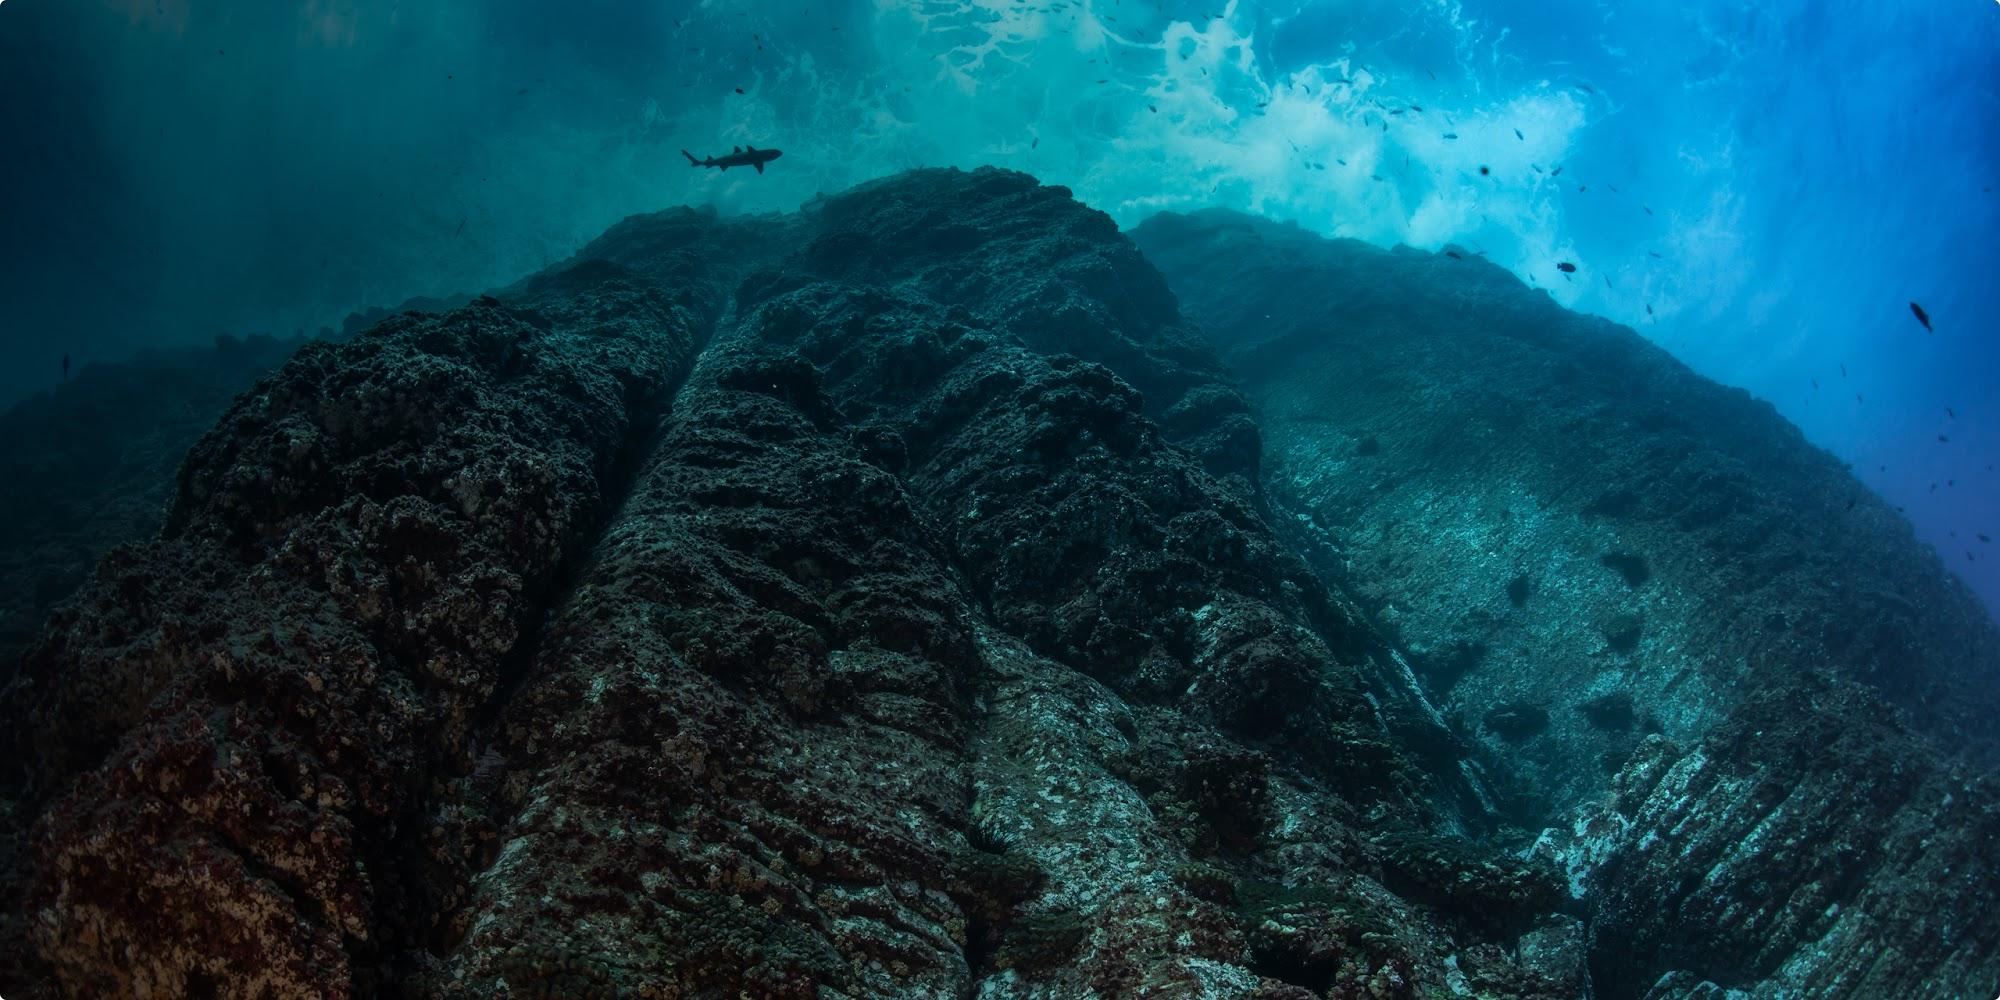 Aufnahme eines Hais und weiterer Fische an einem Riff aus der Froschperspektive